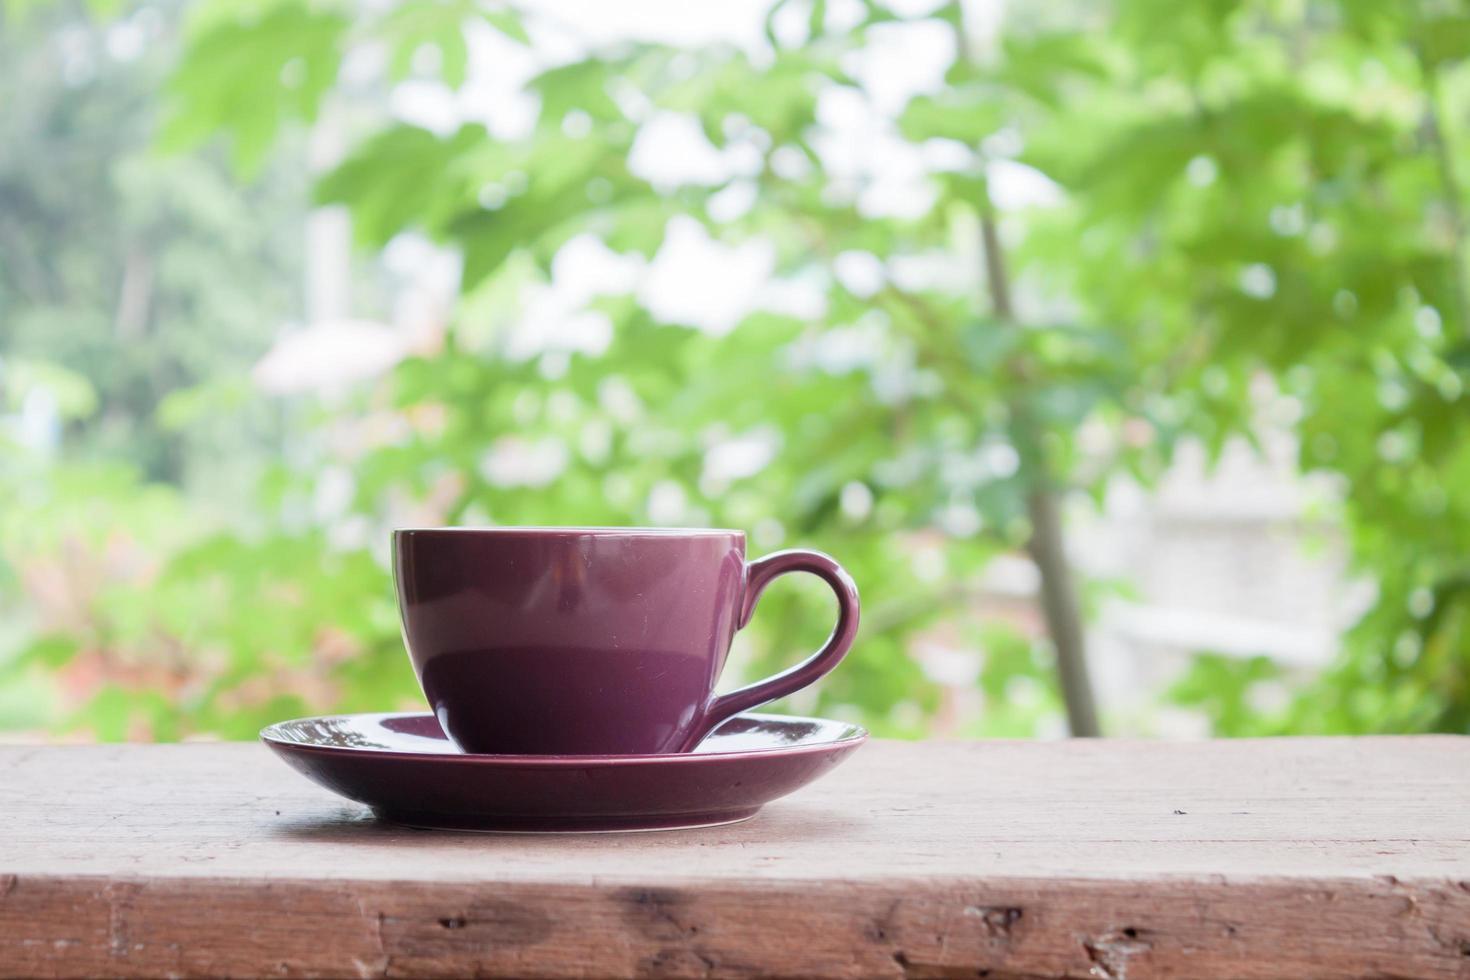 tazza di caffè viola su un tavolo foto